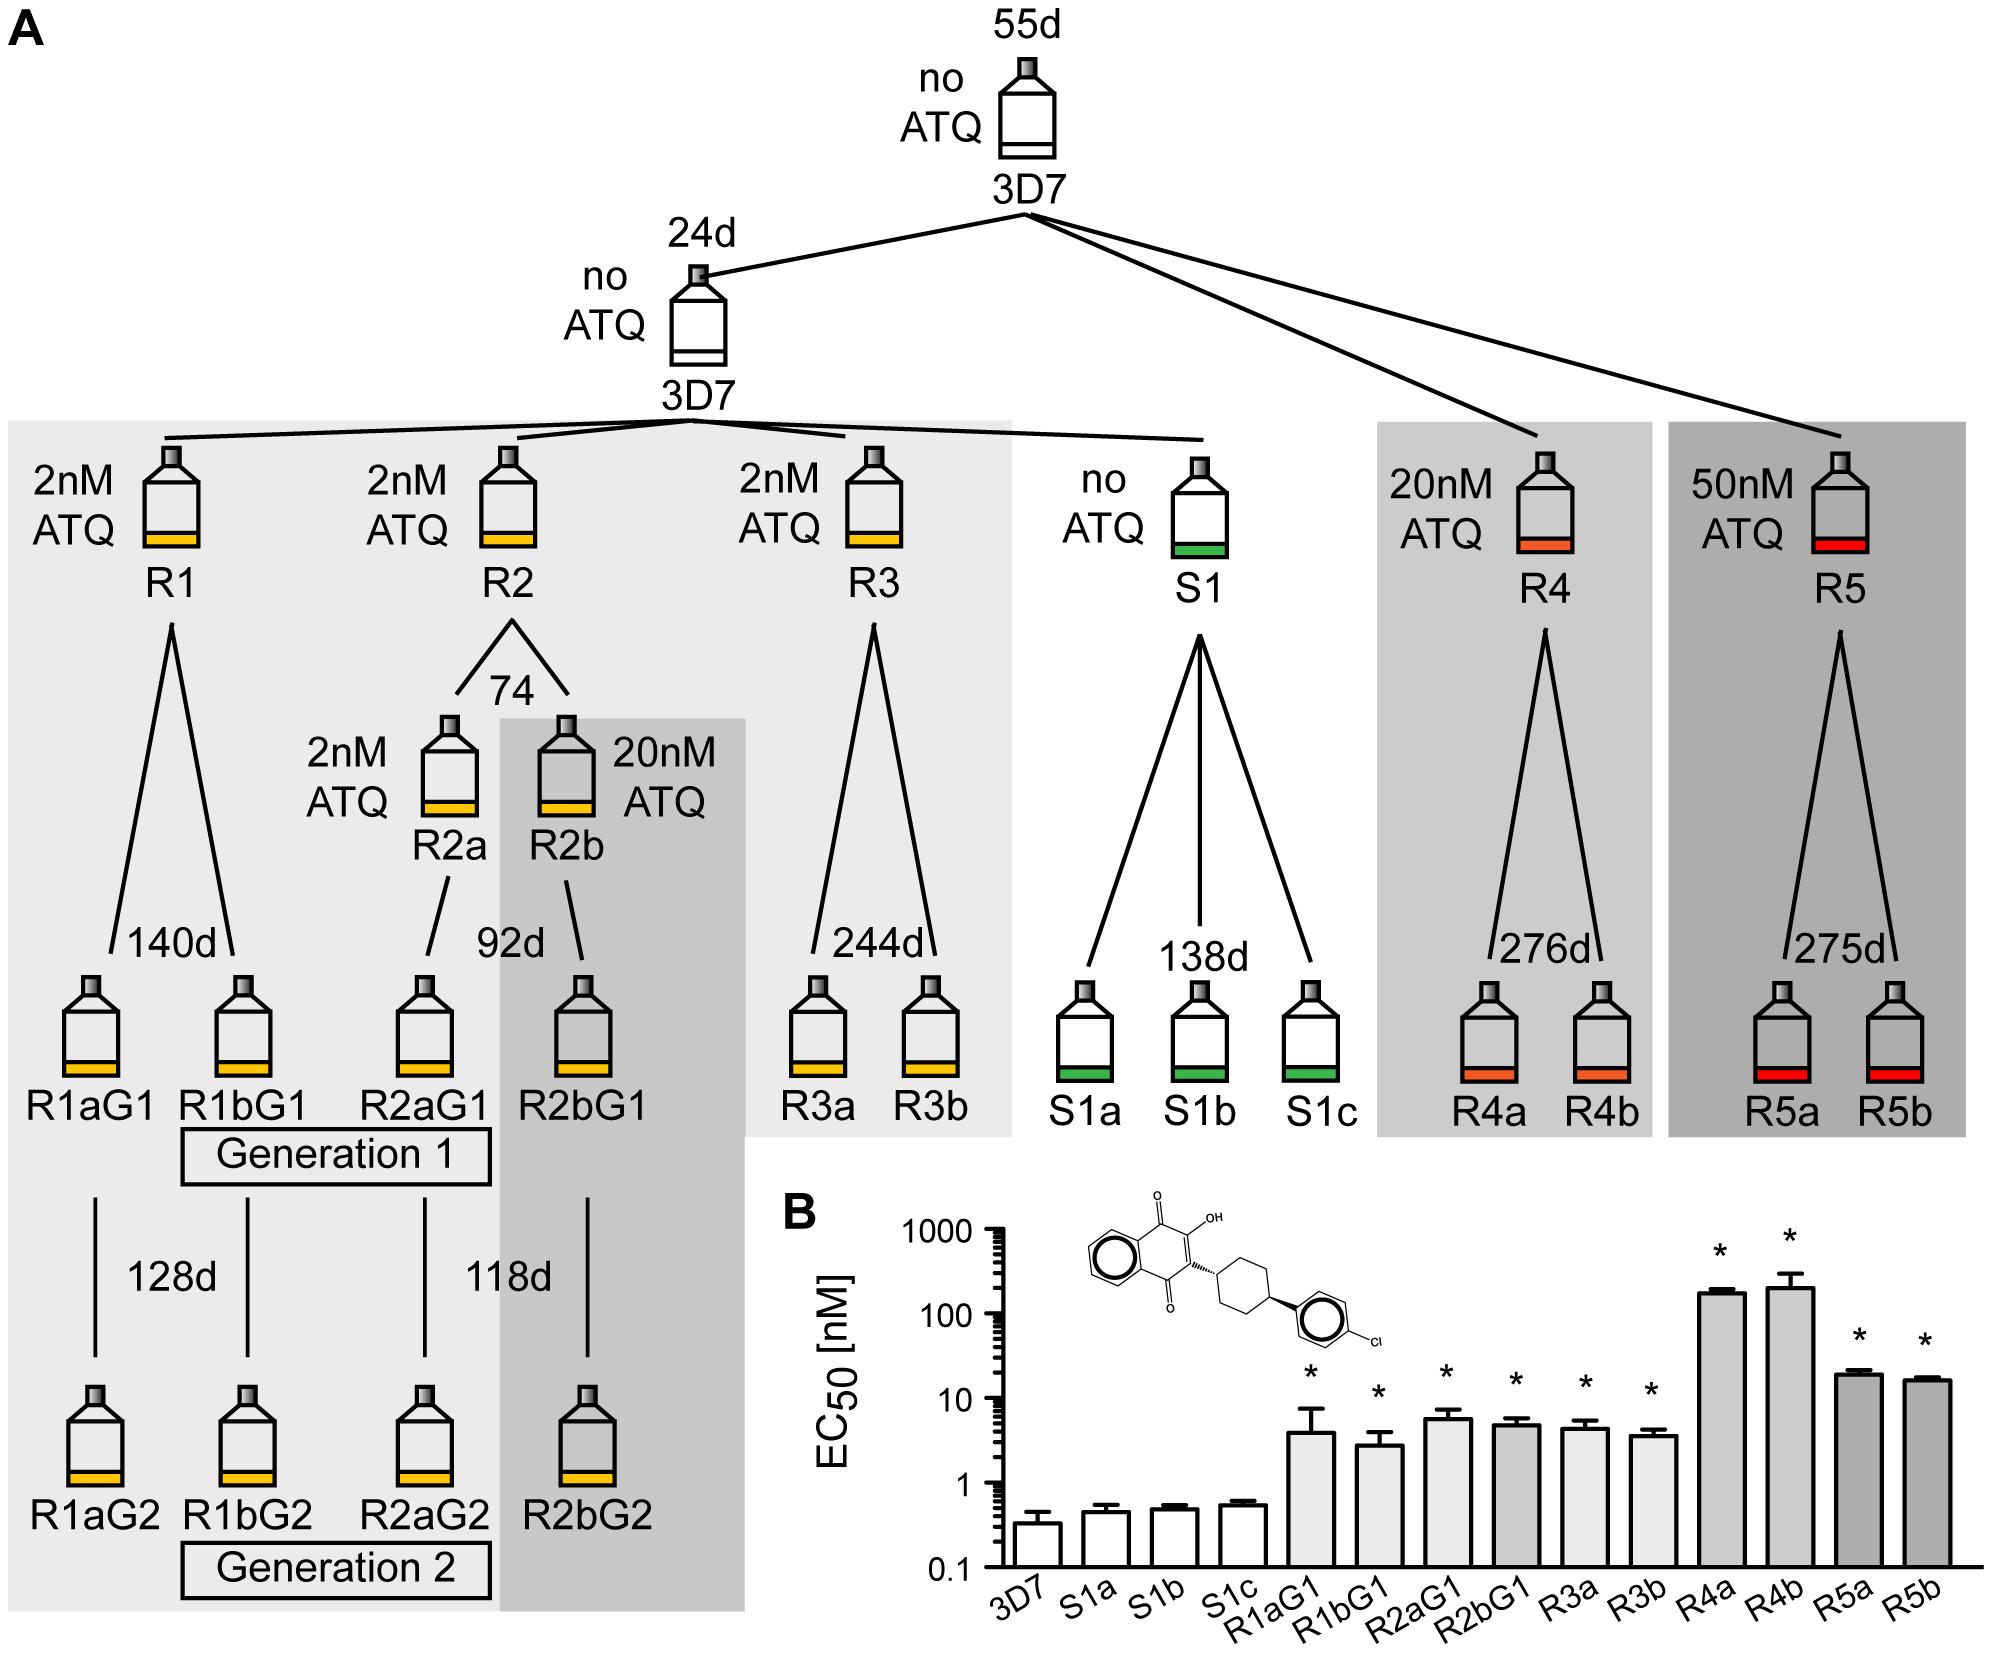 Generation of atovaquone (ATQ)-resistant parasites.